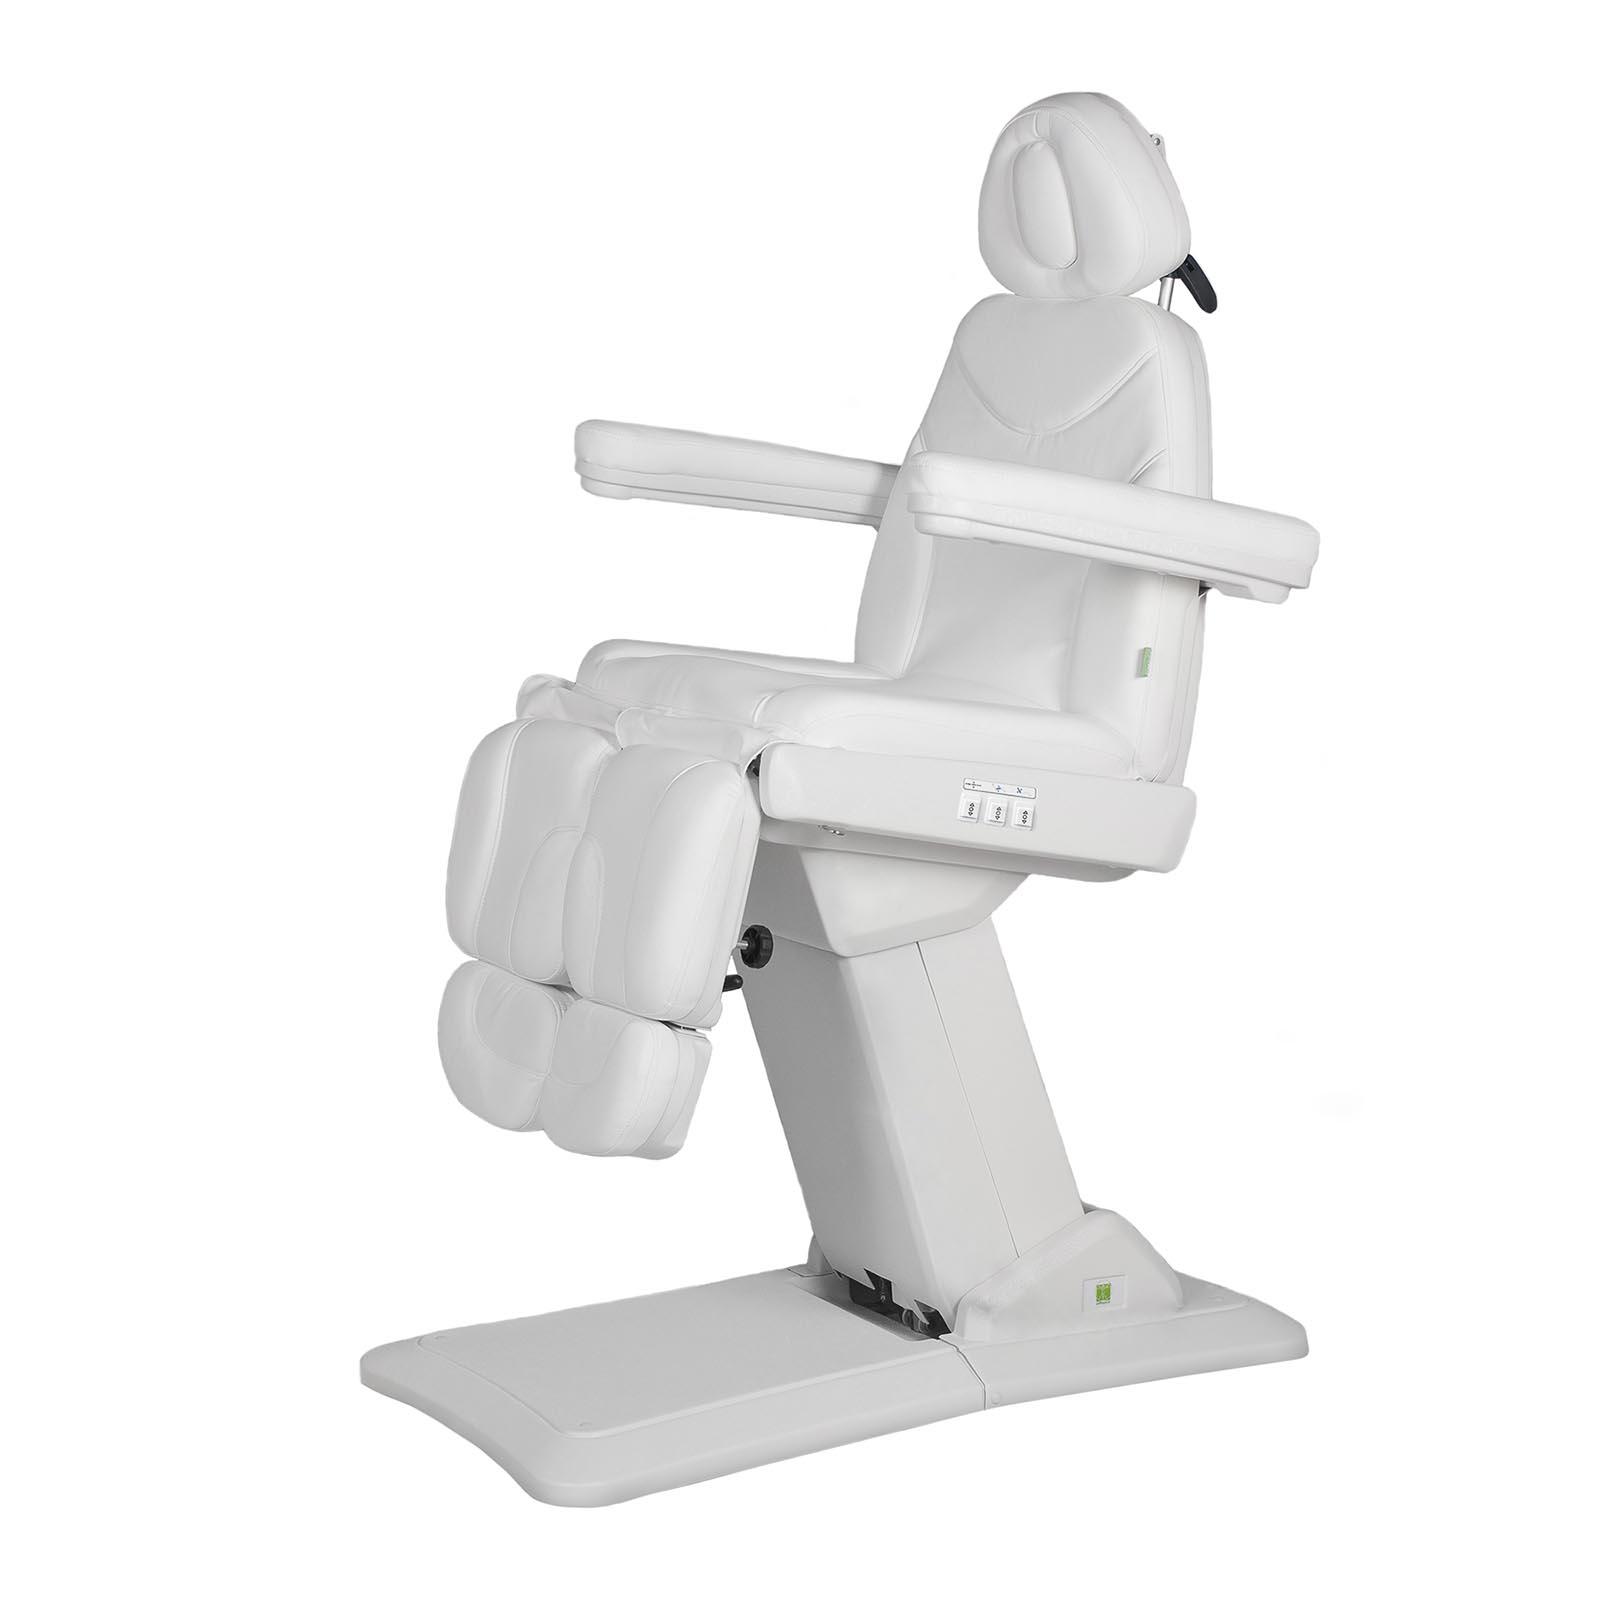 physa Fußpflegestuhl PRETTY | weiß PHYSA PRETTY 2235C FUßPFLEGESTUHL |